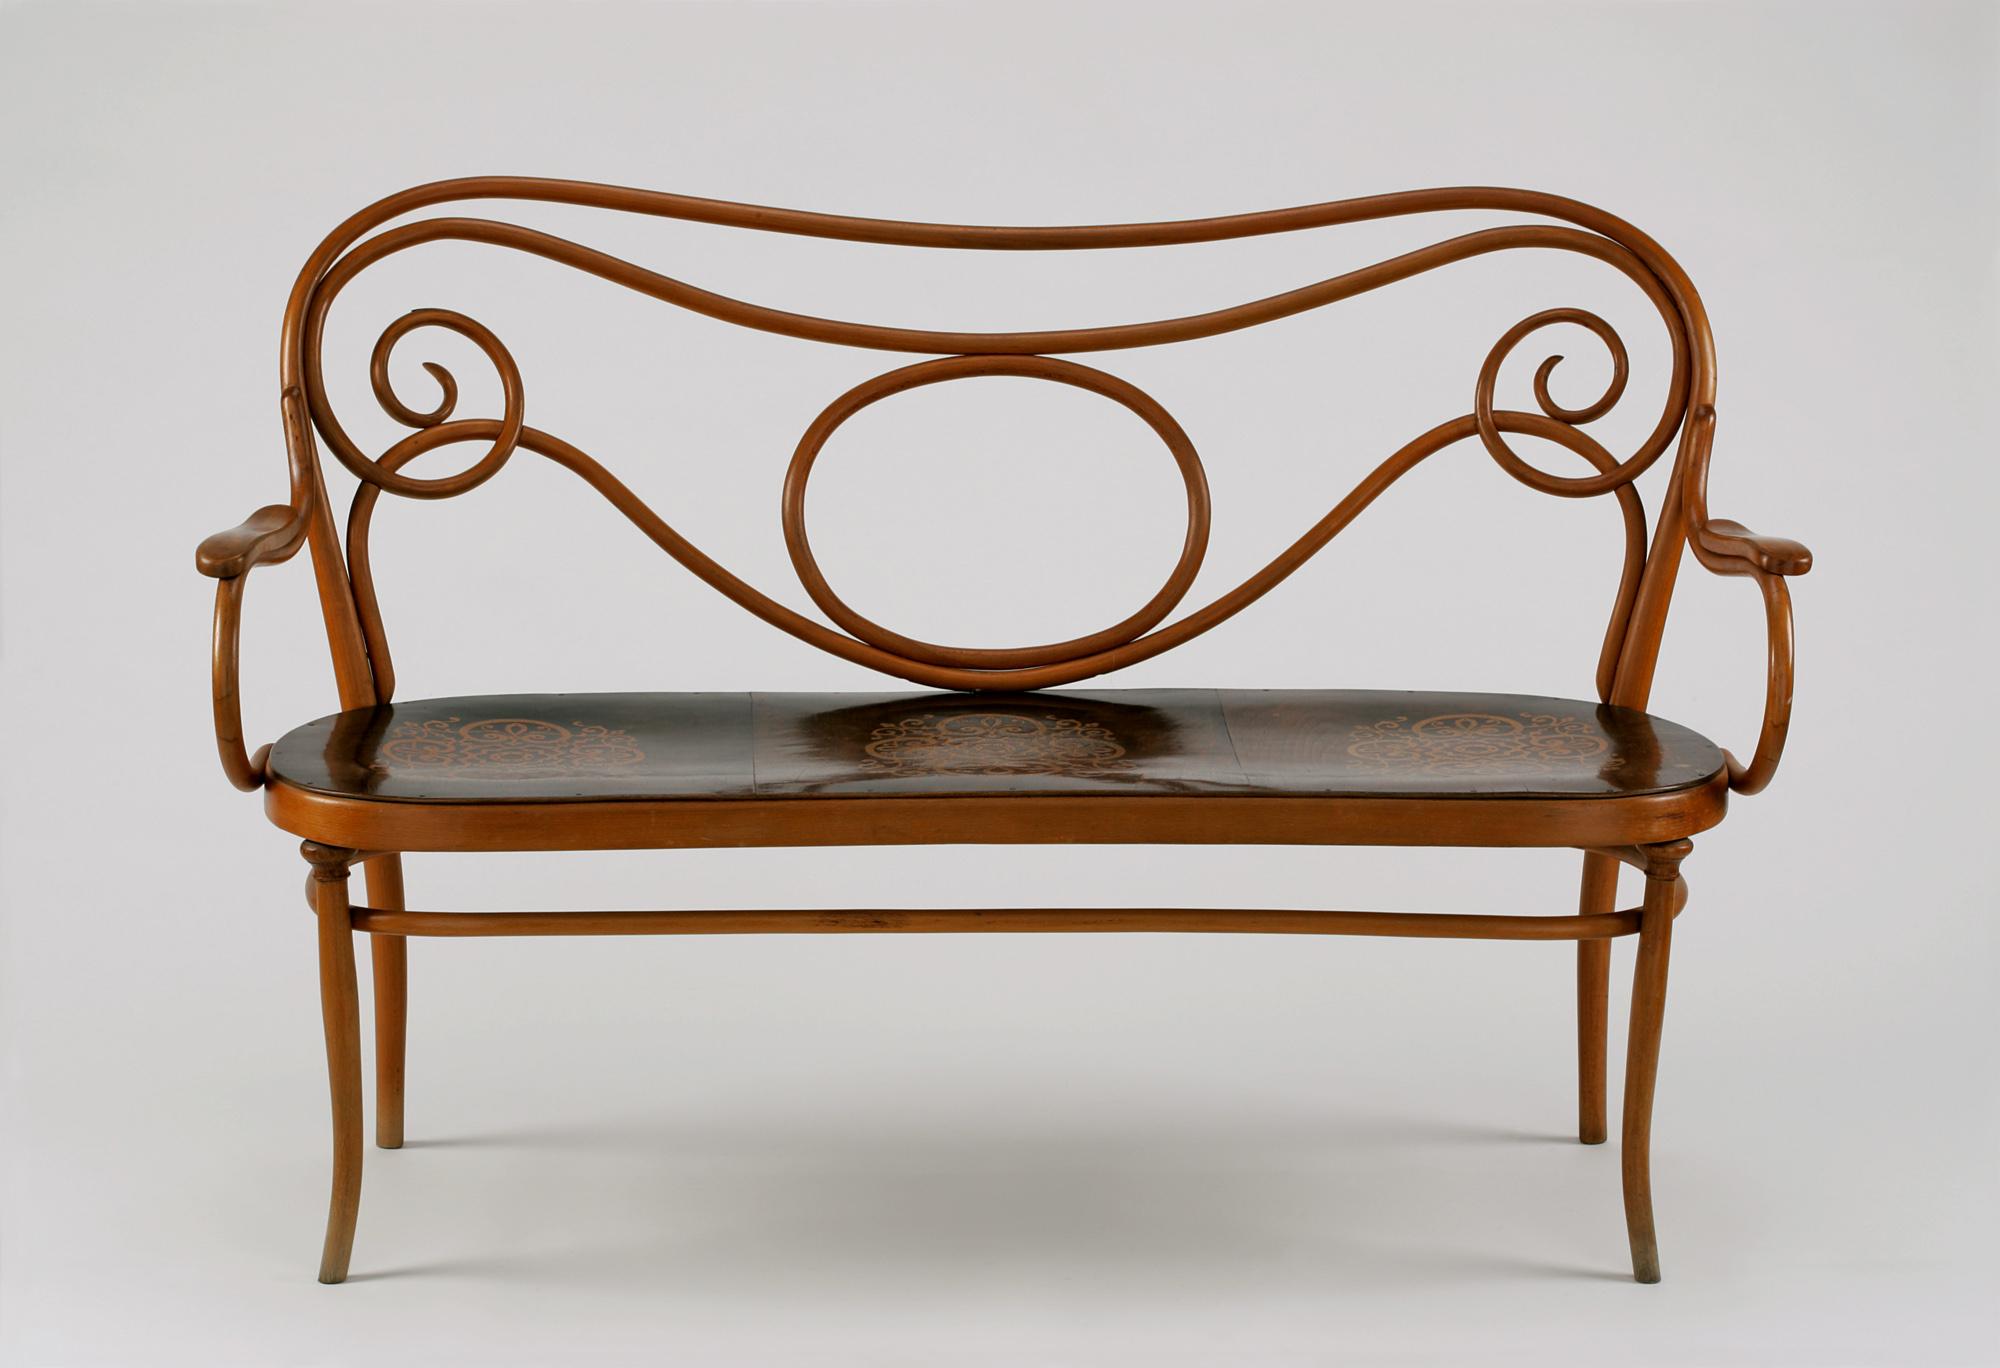 """""""Ława"""", Thonet, 1905–1907, gięte drewno bukowe, intarsja"""